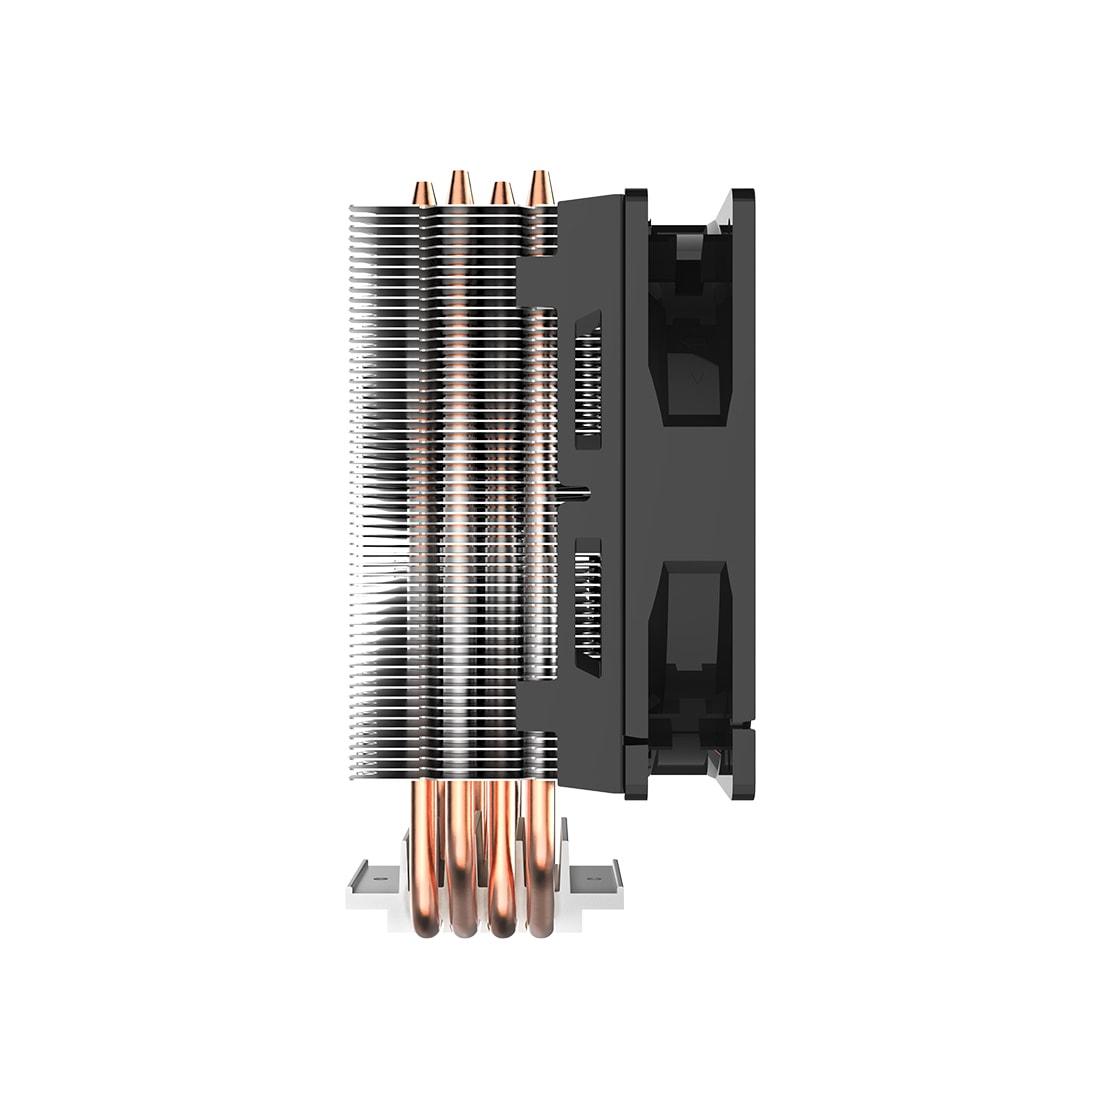 Cooler Master RR-212L-16PR-R1 - Ventilateur CPU Cooler Master - 1